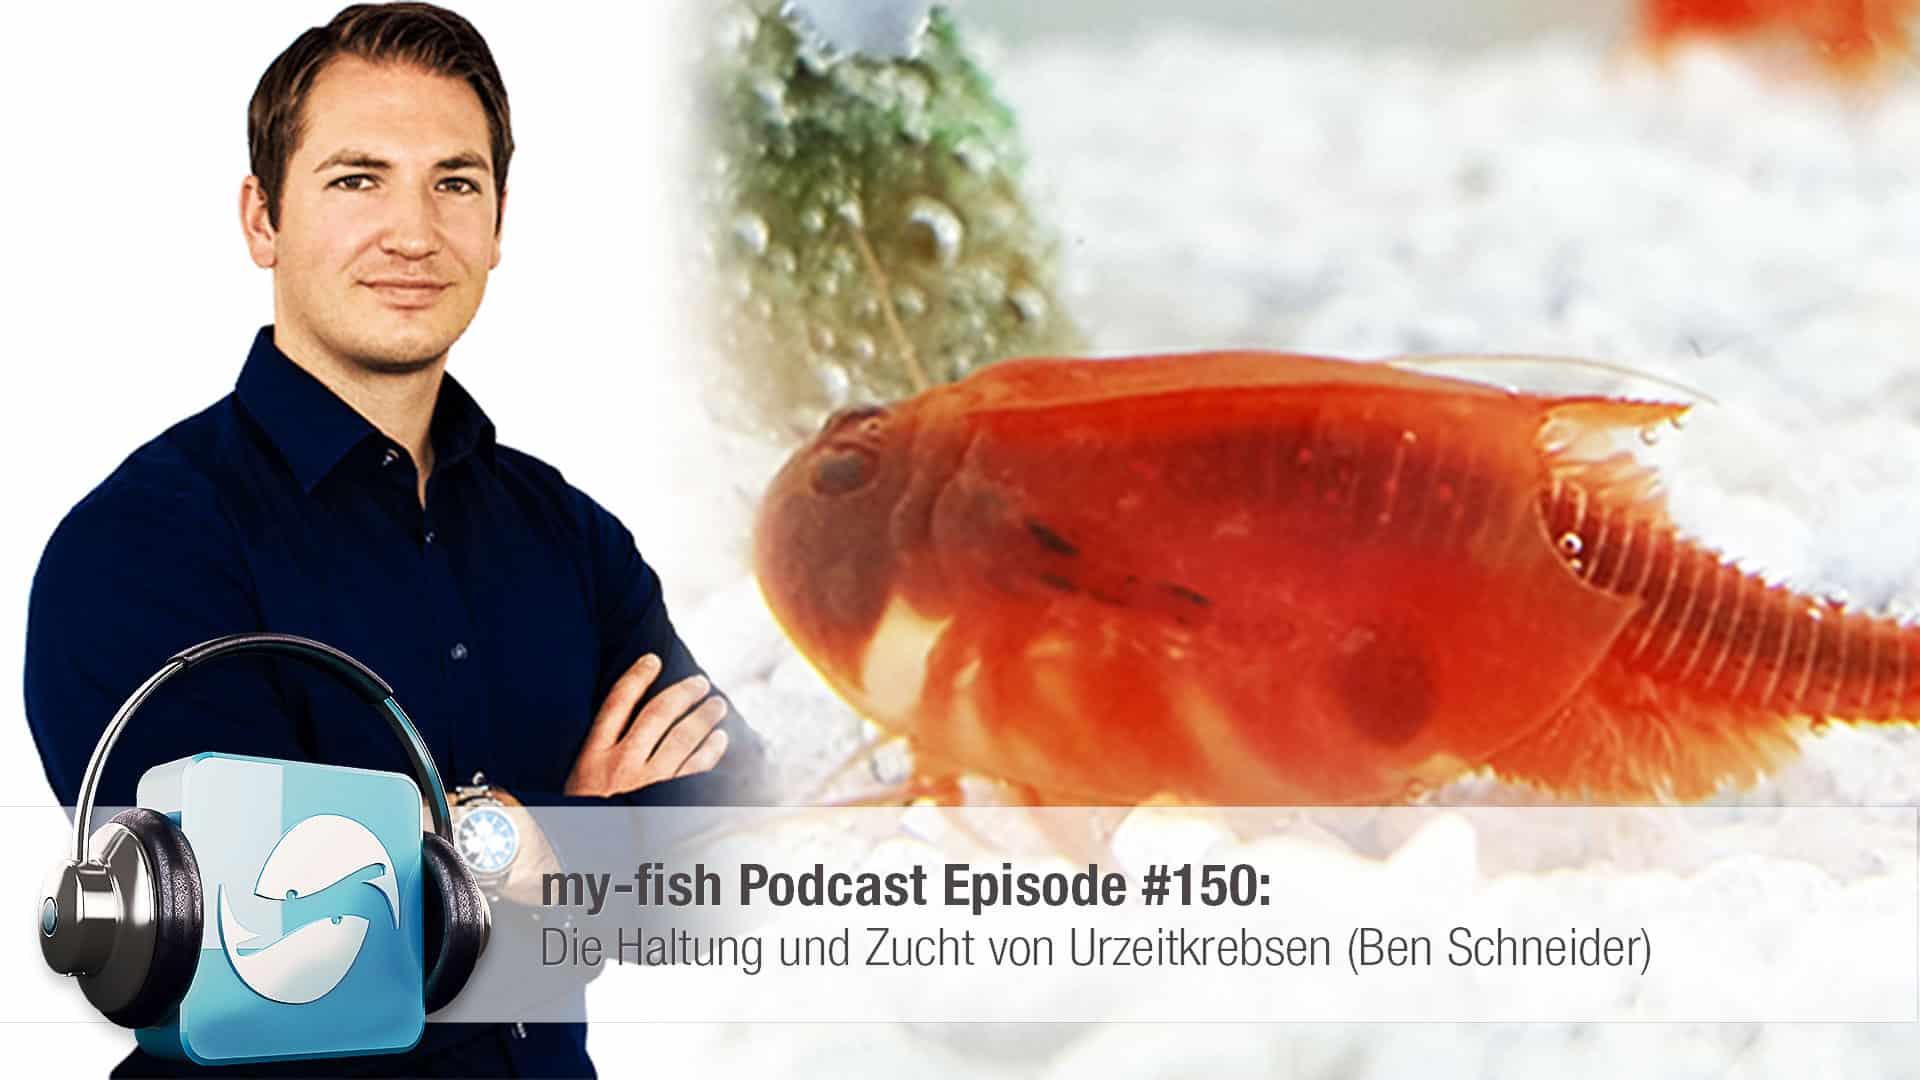 Podcast Episode #150: Die Haltung und Zucht von Urzeitkrebsen (Ben Schneider) 1